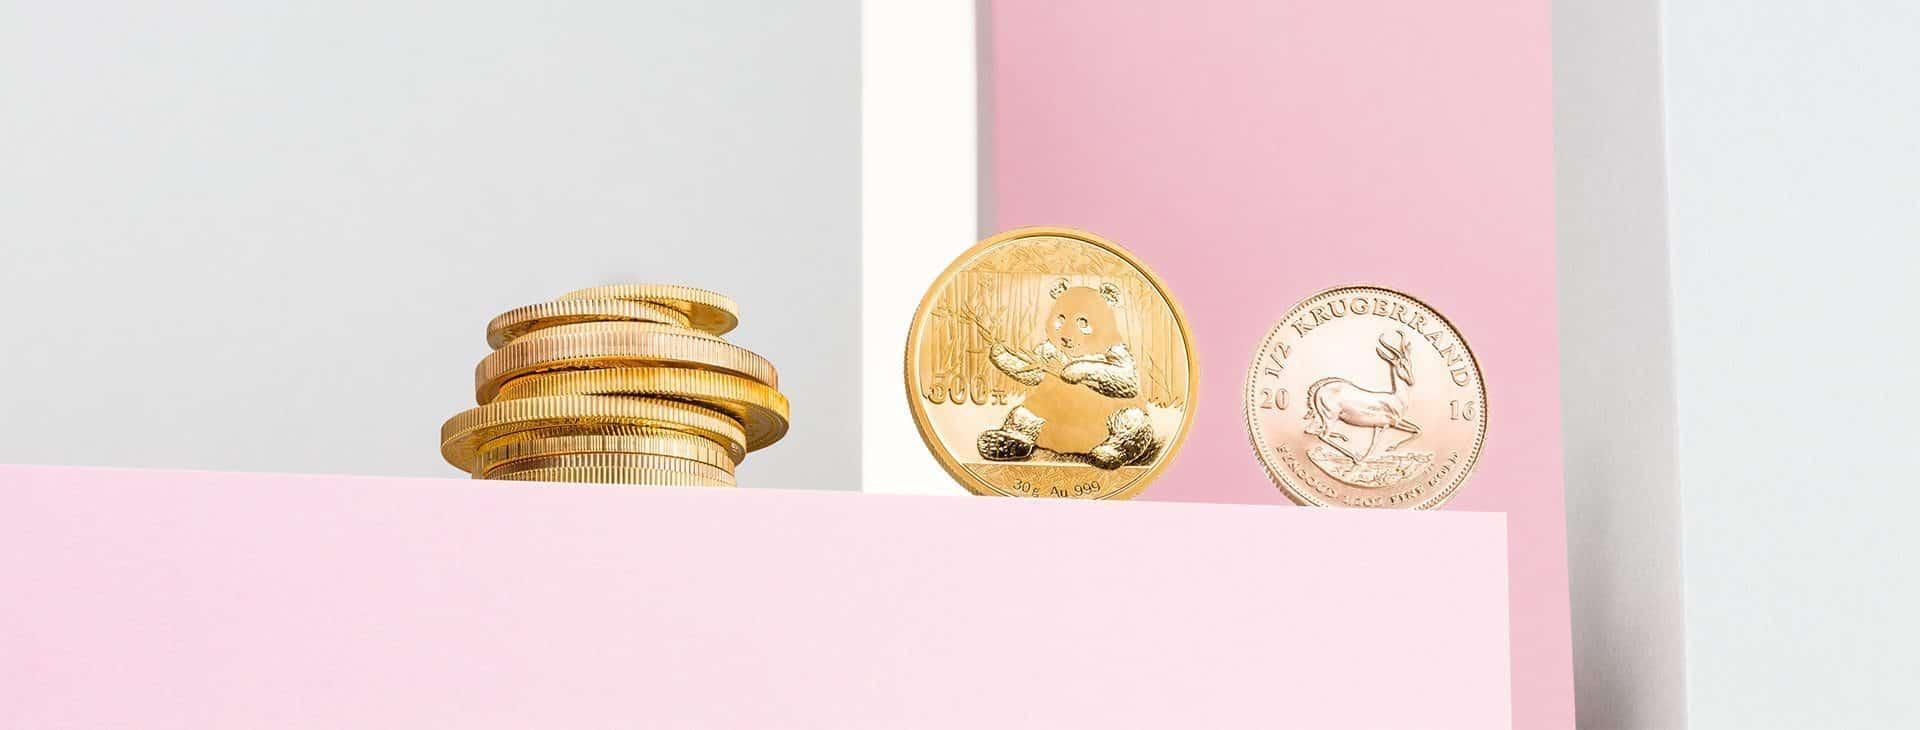 Krügerrand Goldmünzen Kaufen Haeger Gmbh